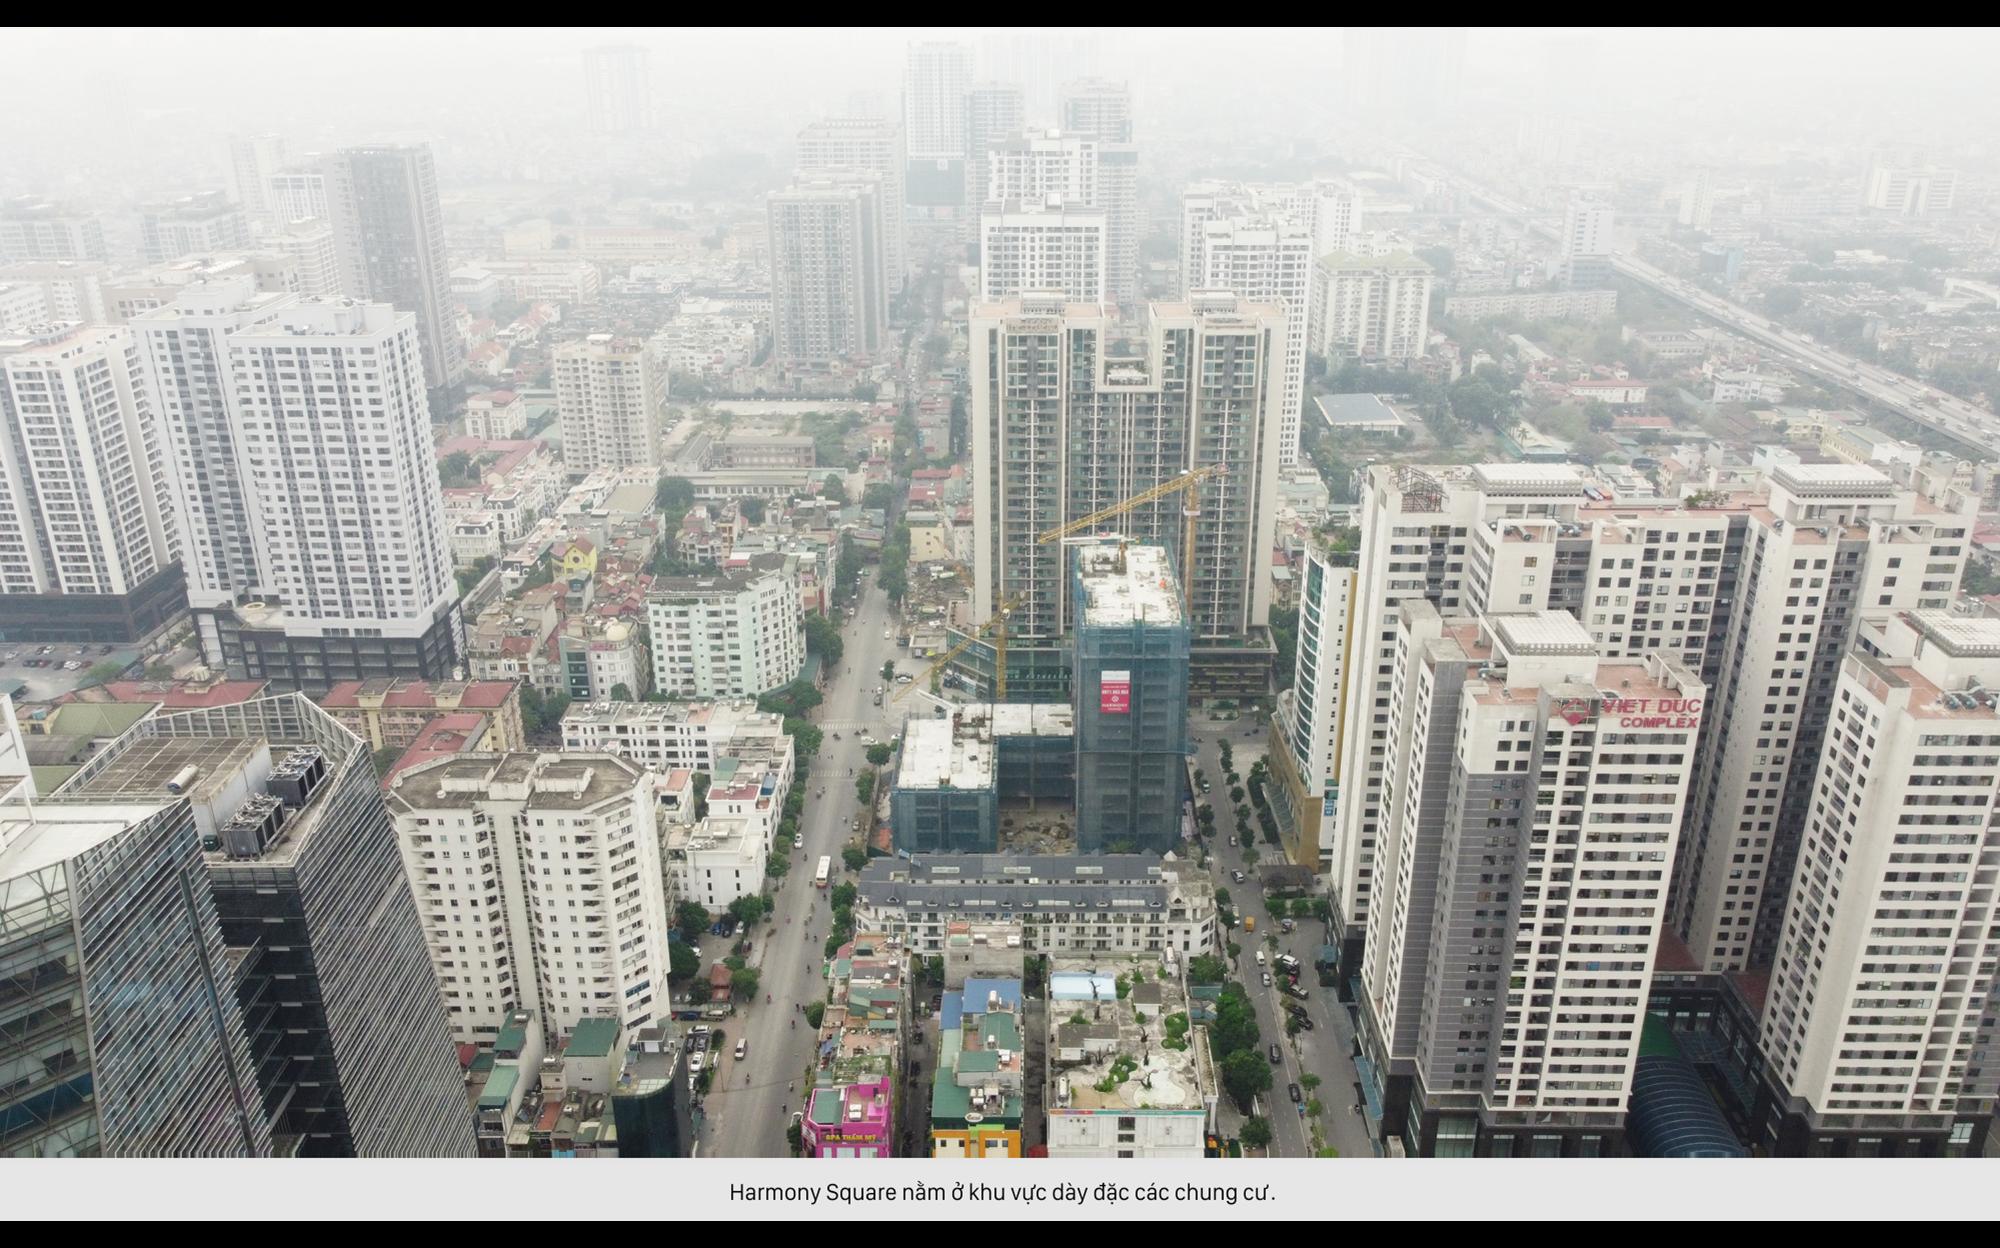 Review dự án Harmony Square đang mở bán: Có ưu điểm gì giữa khu vực dày đặc nhà cao tầng? - Ảnh 9.